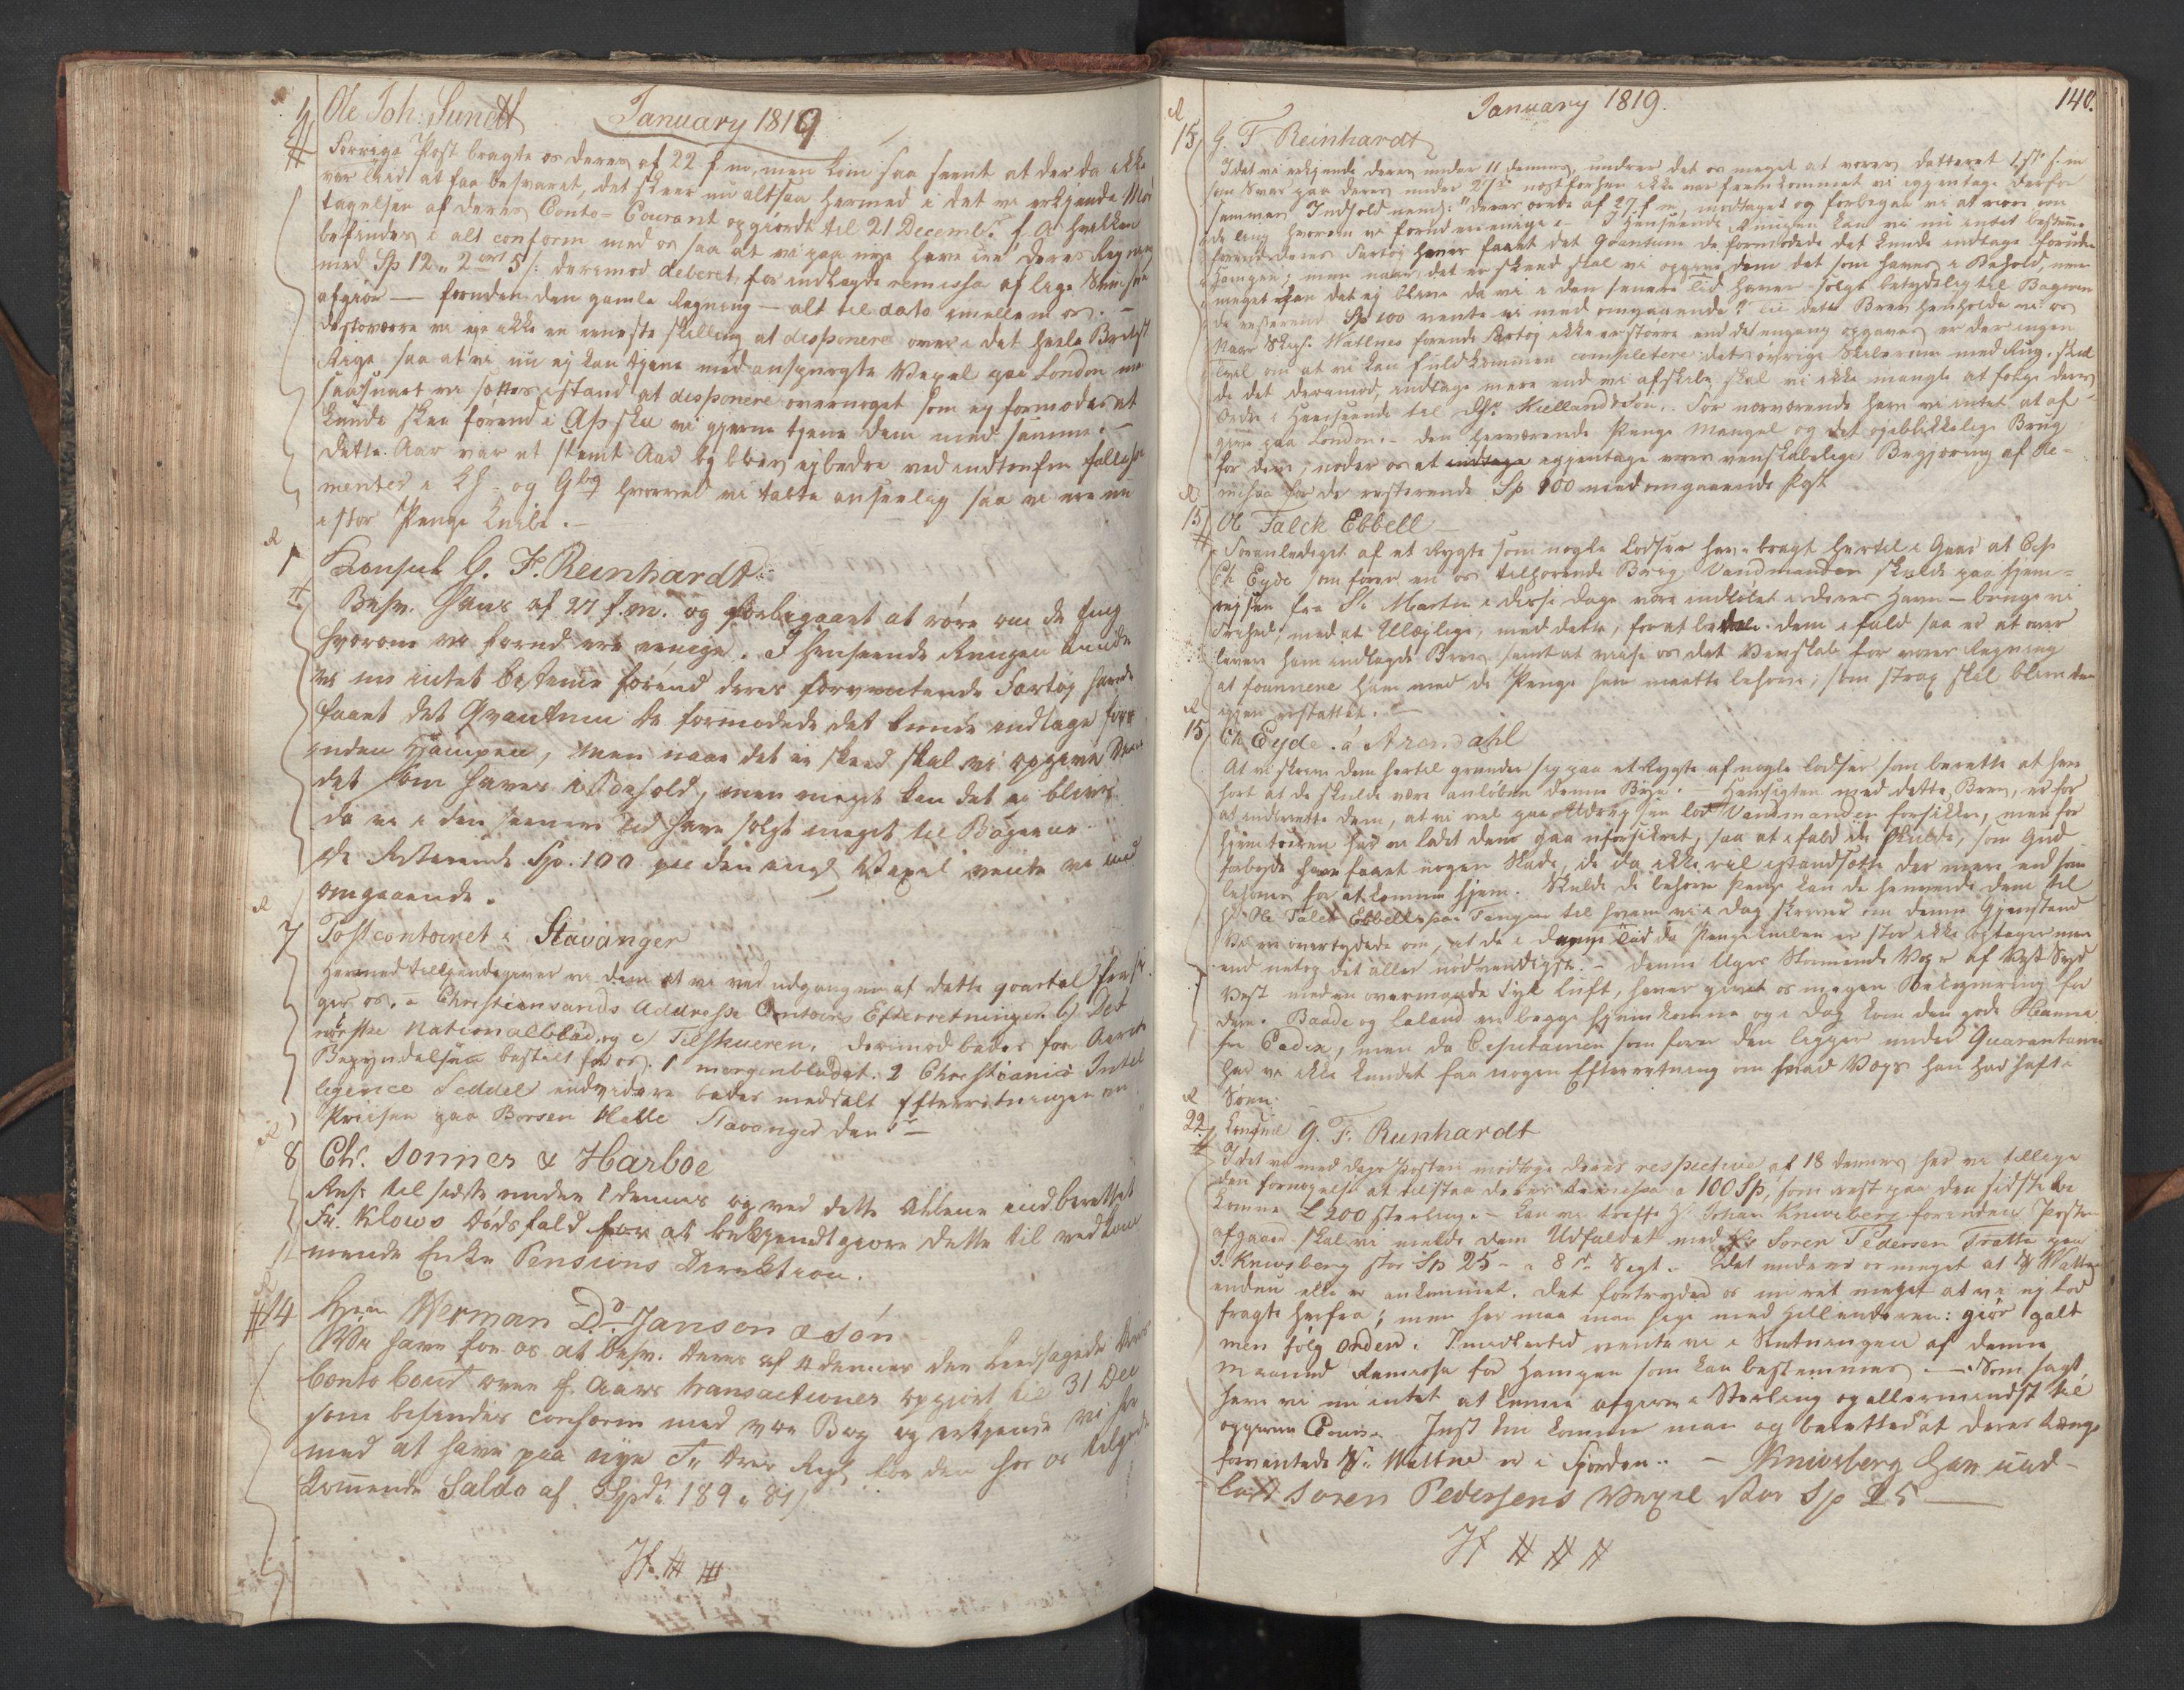 SAST, Pa 0003 - Ploug & Sundt, handelshuset, B/L0010: Kopibok, 1816-1822, s. 139b-140a